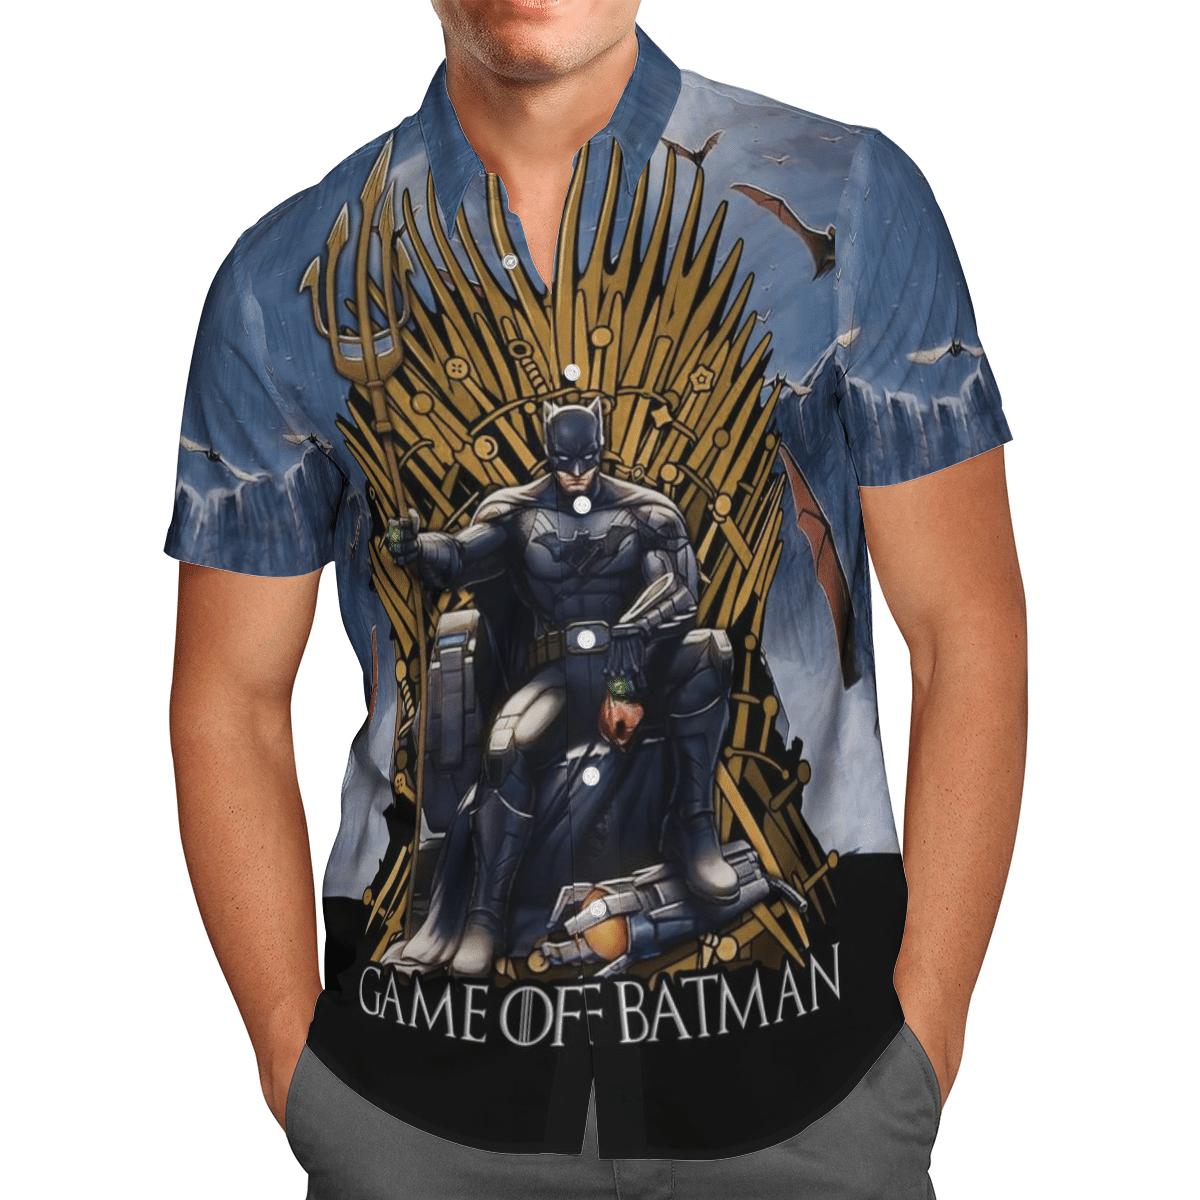 Batman Game of Thrones Hawaiian Shirt Summer Shirt